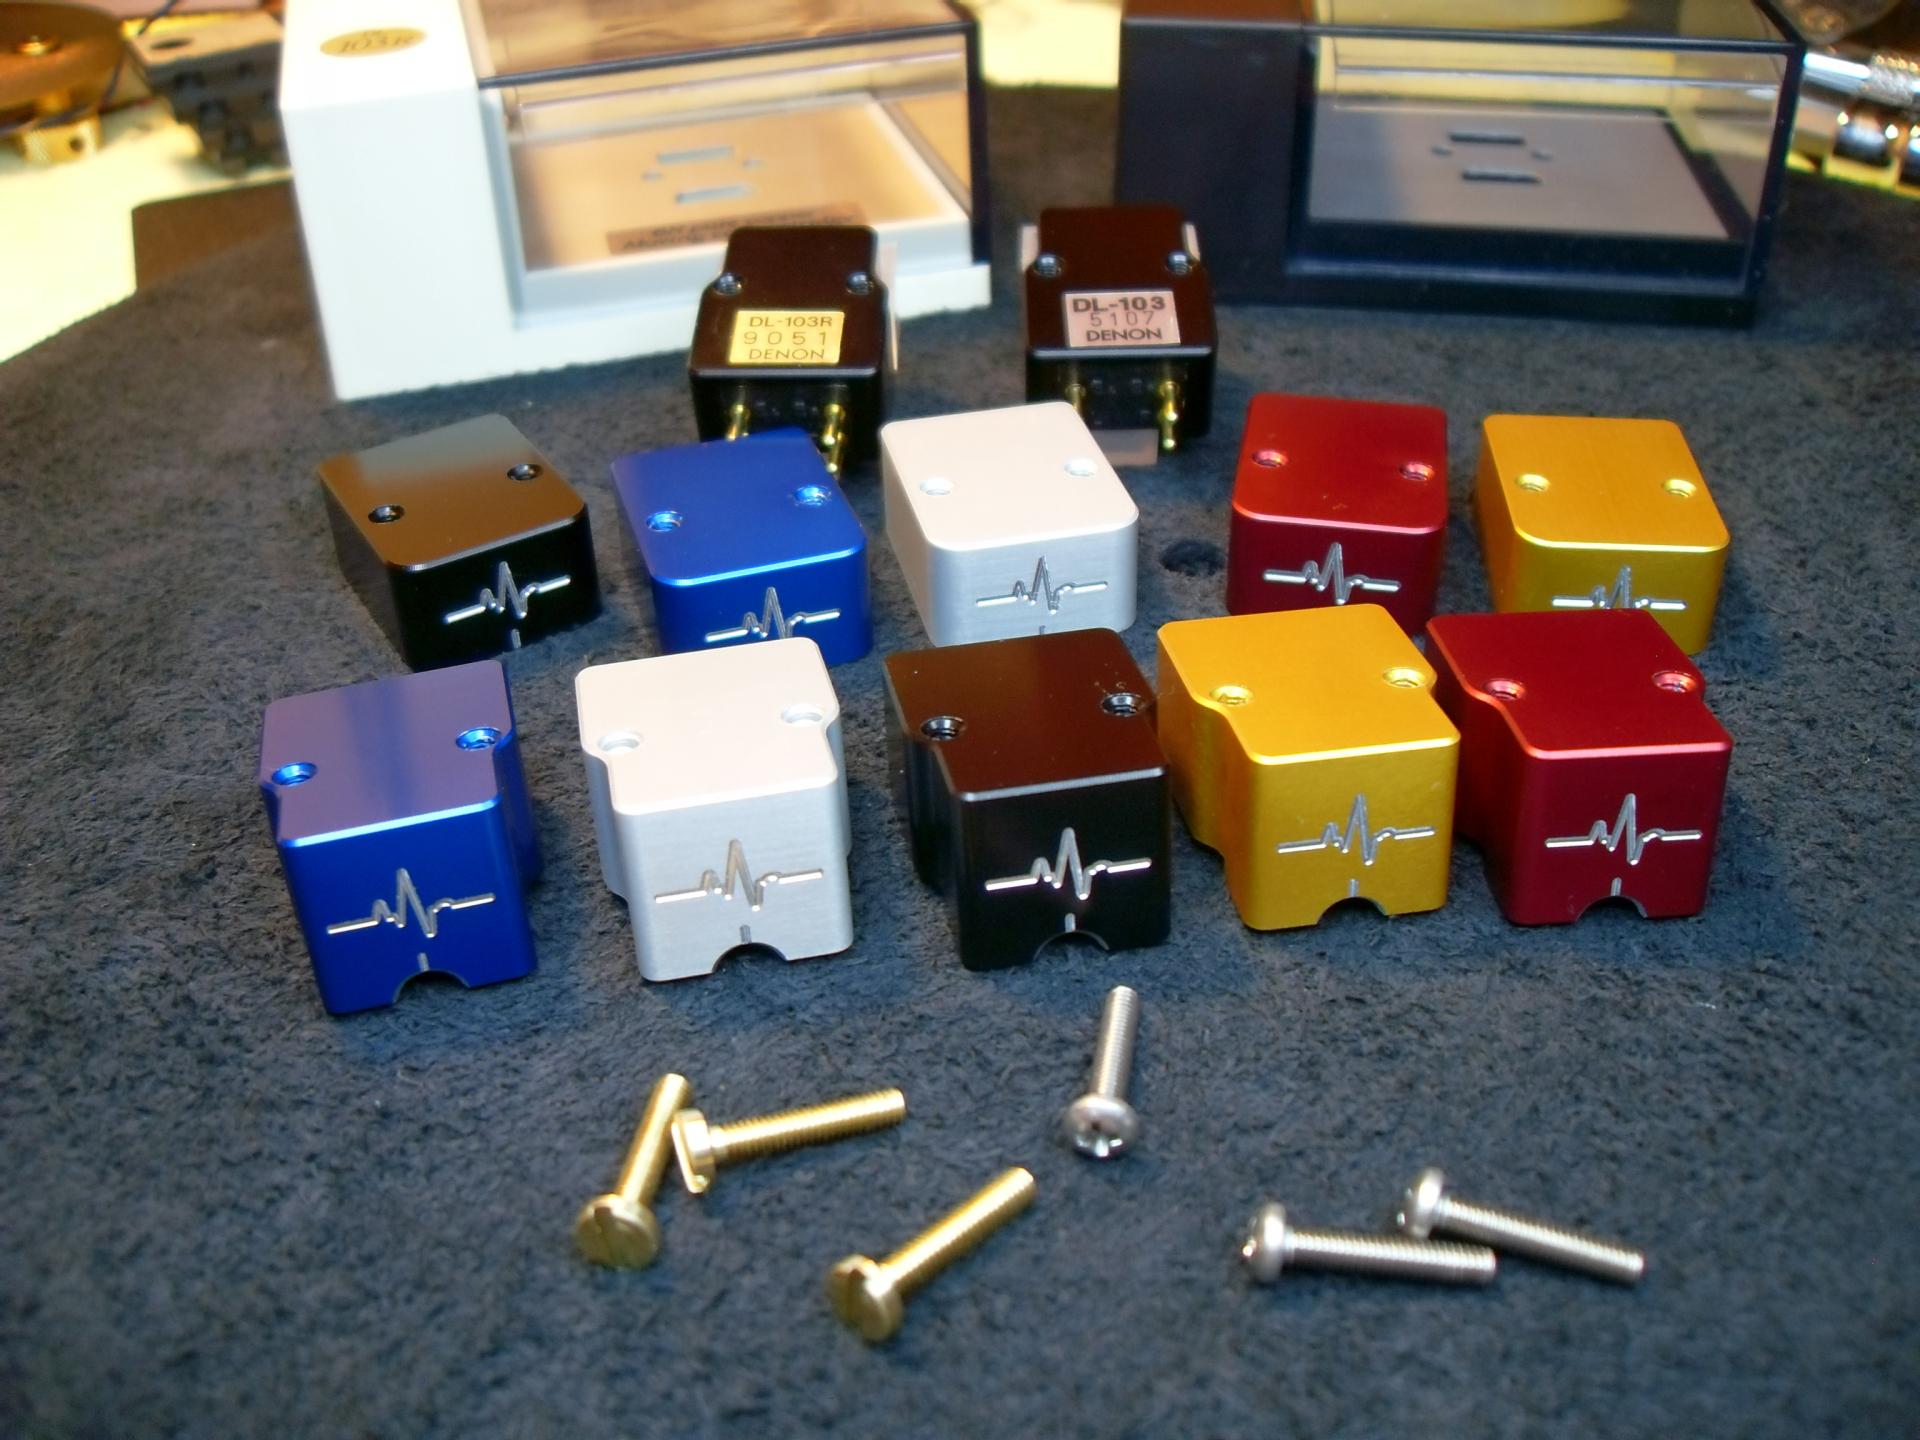 Pulse Guard phono cartridges